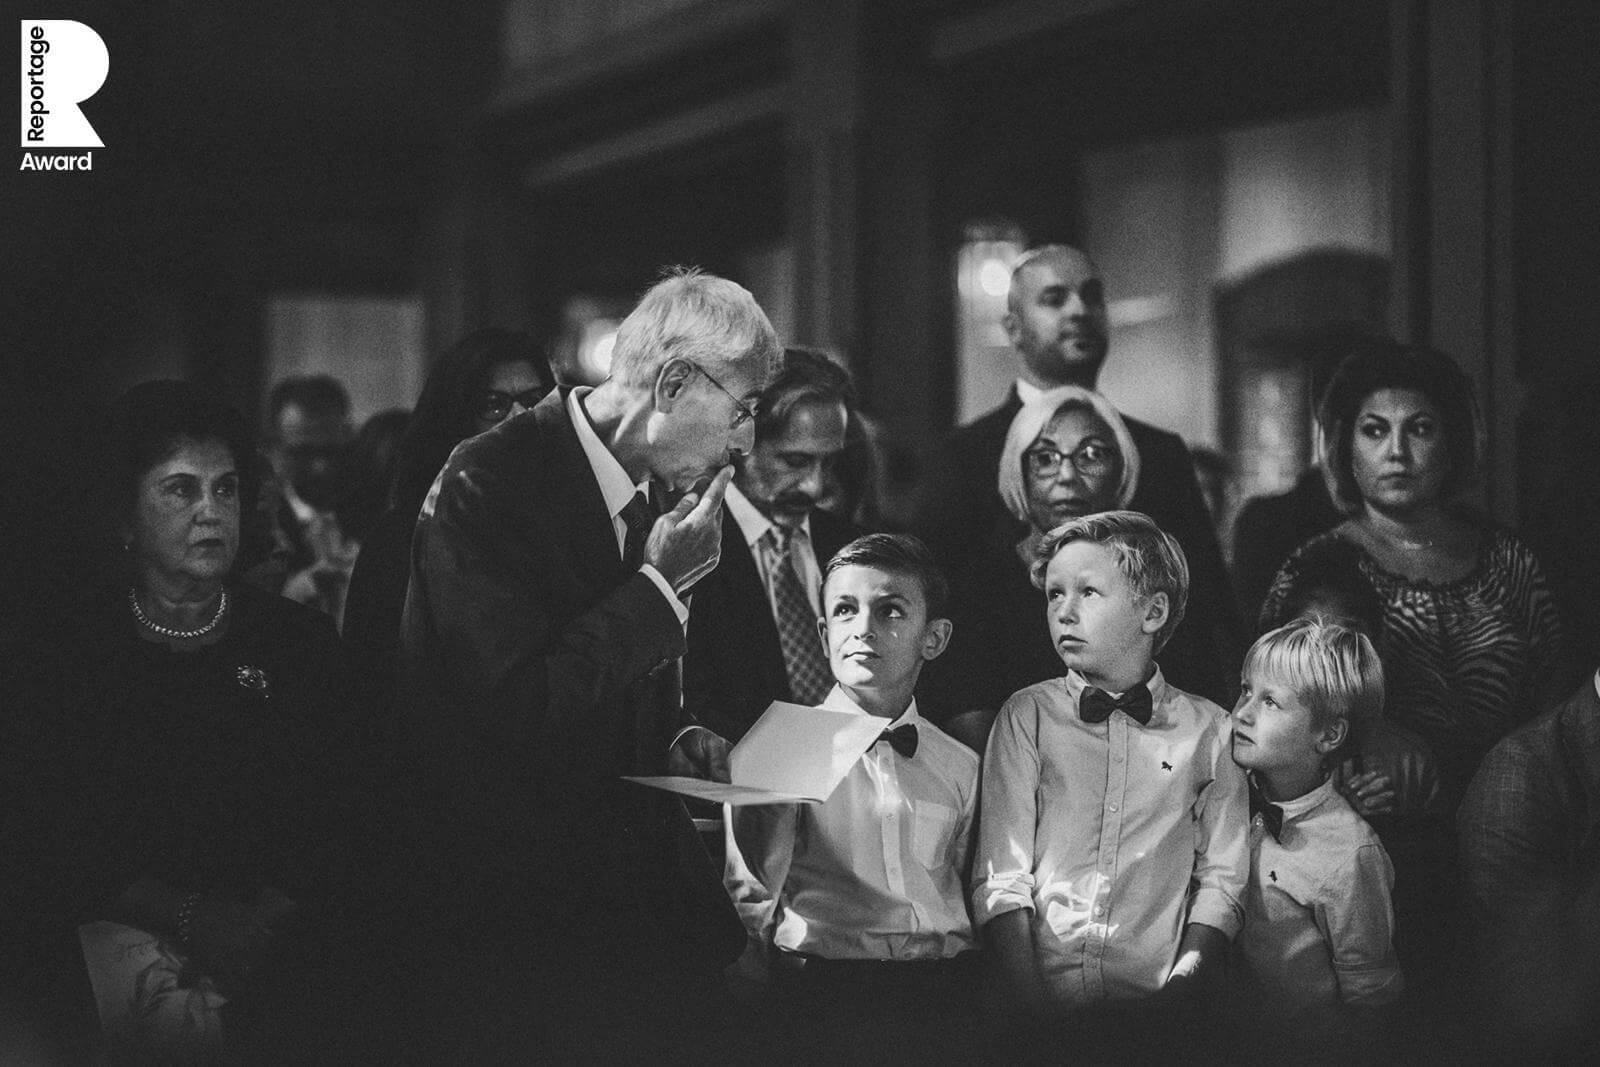 This Is Reportage Award * Collection 6 * Rossi Photography * Hochzeitsreportage * Die Entstehung eines Momentes * skurrile Hochzeitsmomente